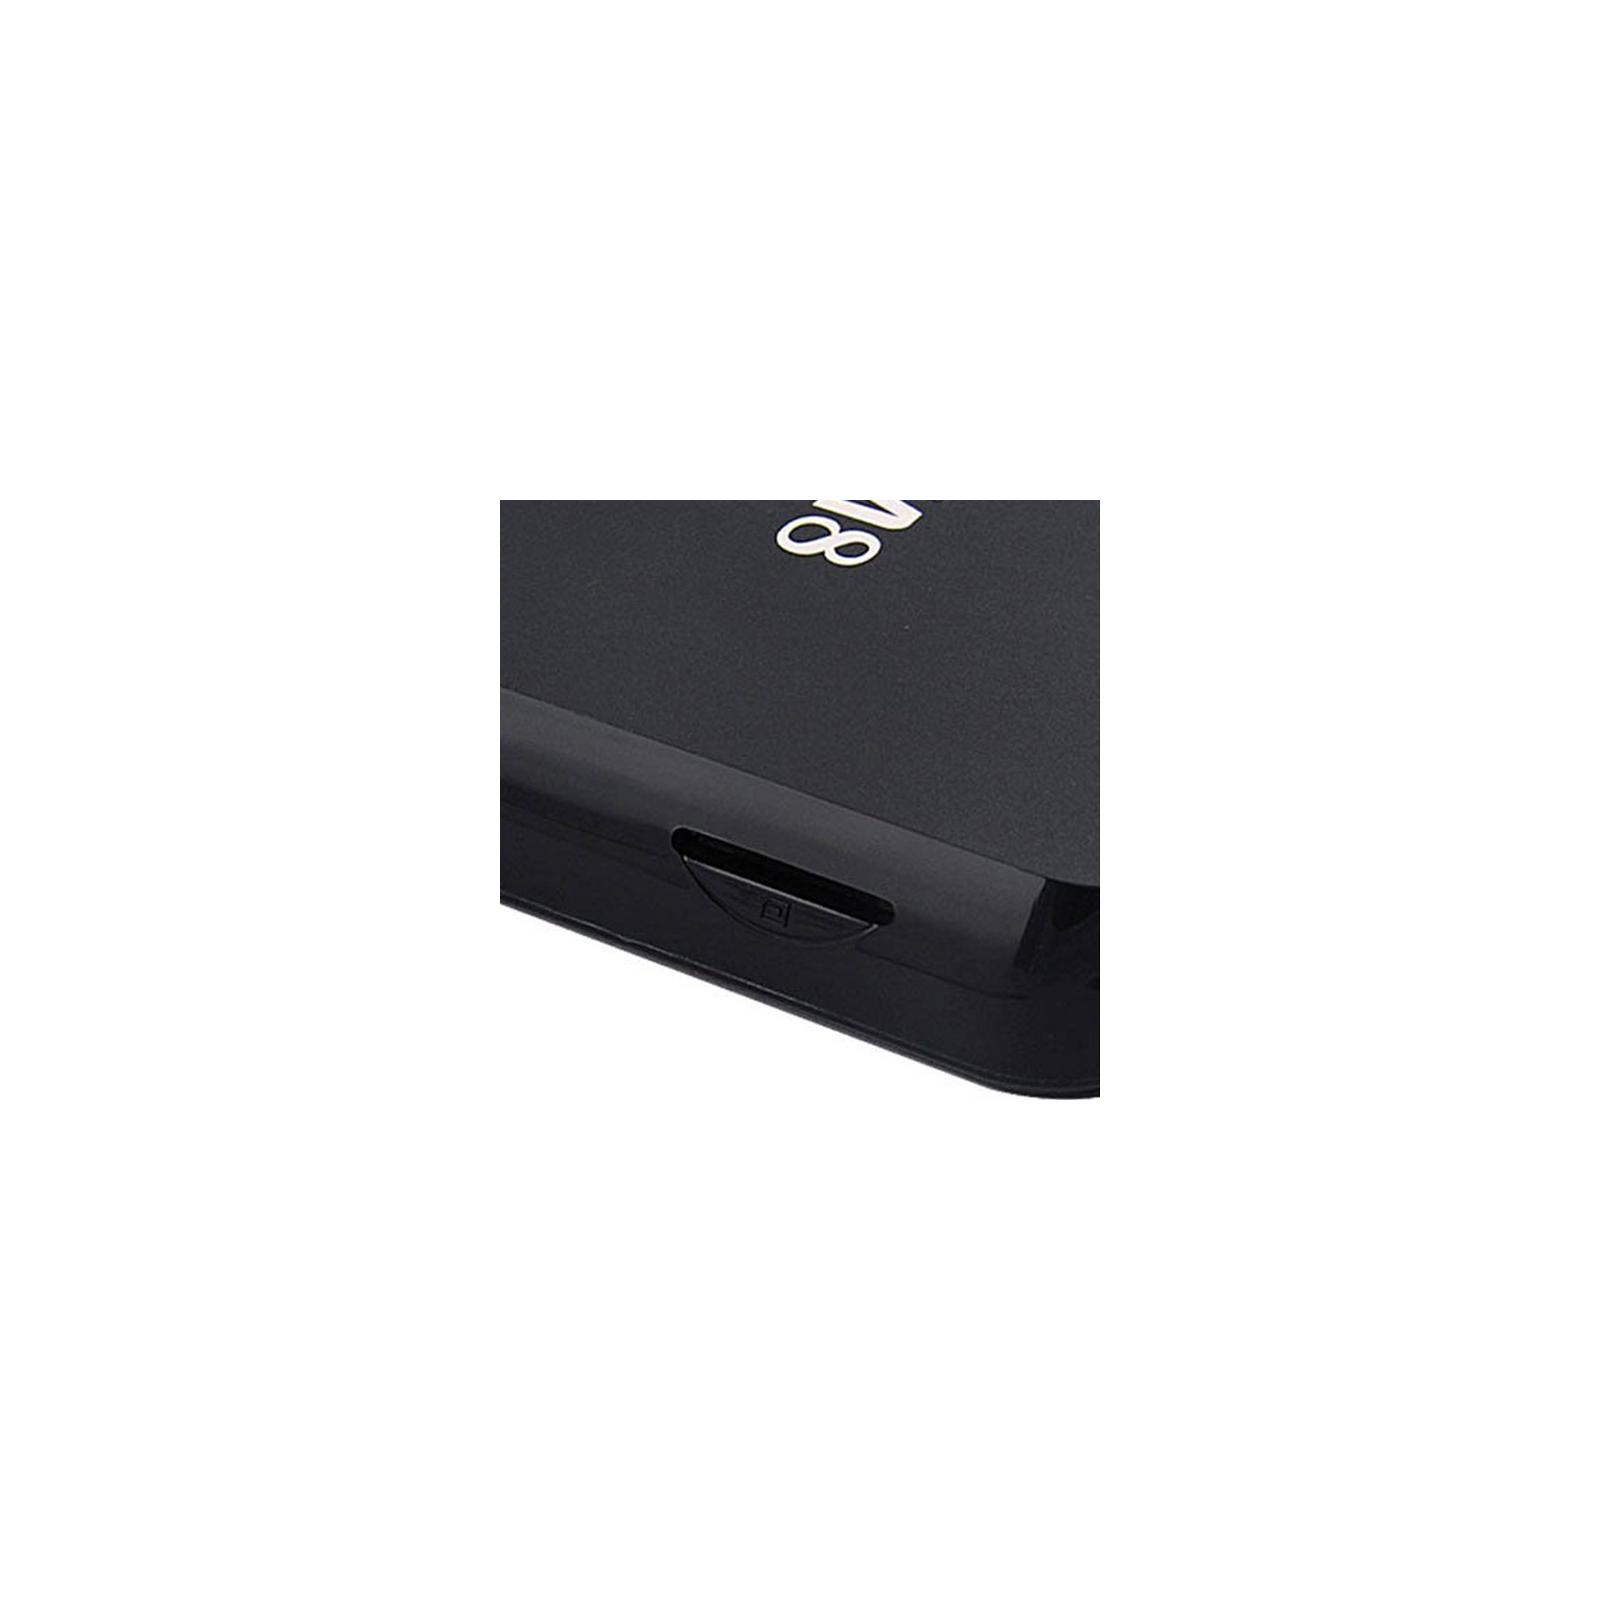 Медиаплеер Alfacore Smart TV M8 изображение 4